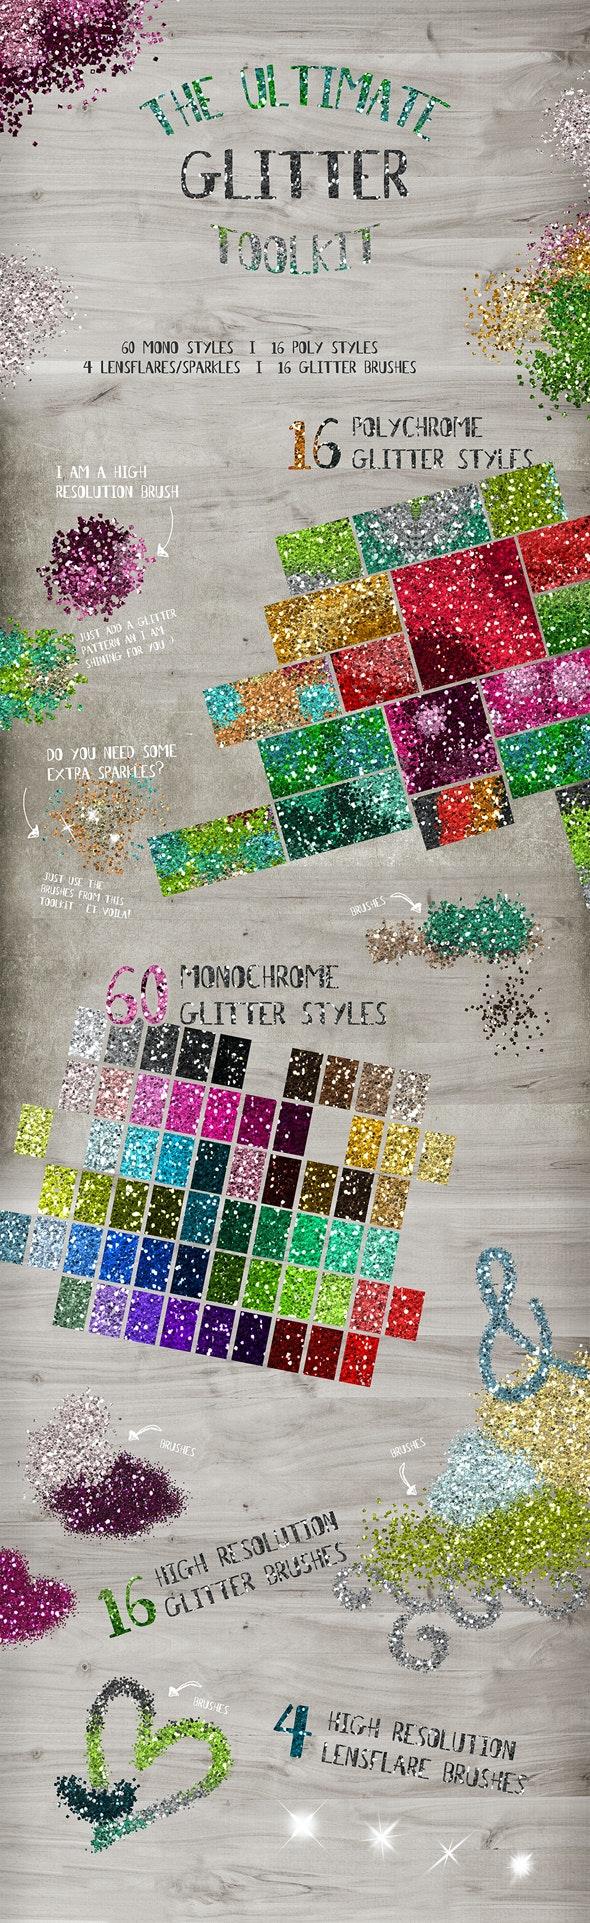 The Glitter Toolkit - Styles Photoshop